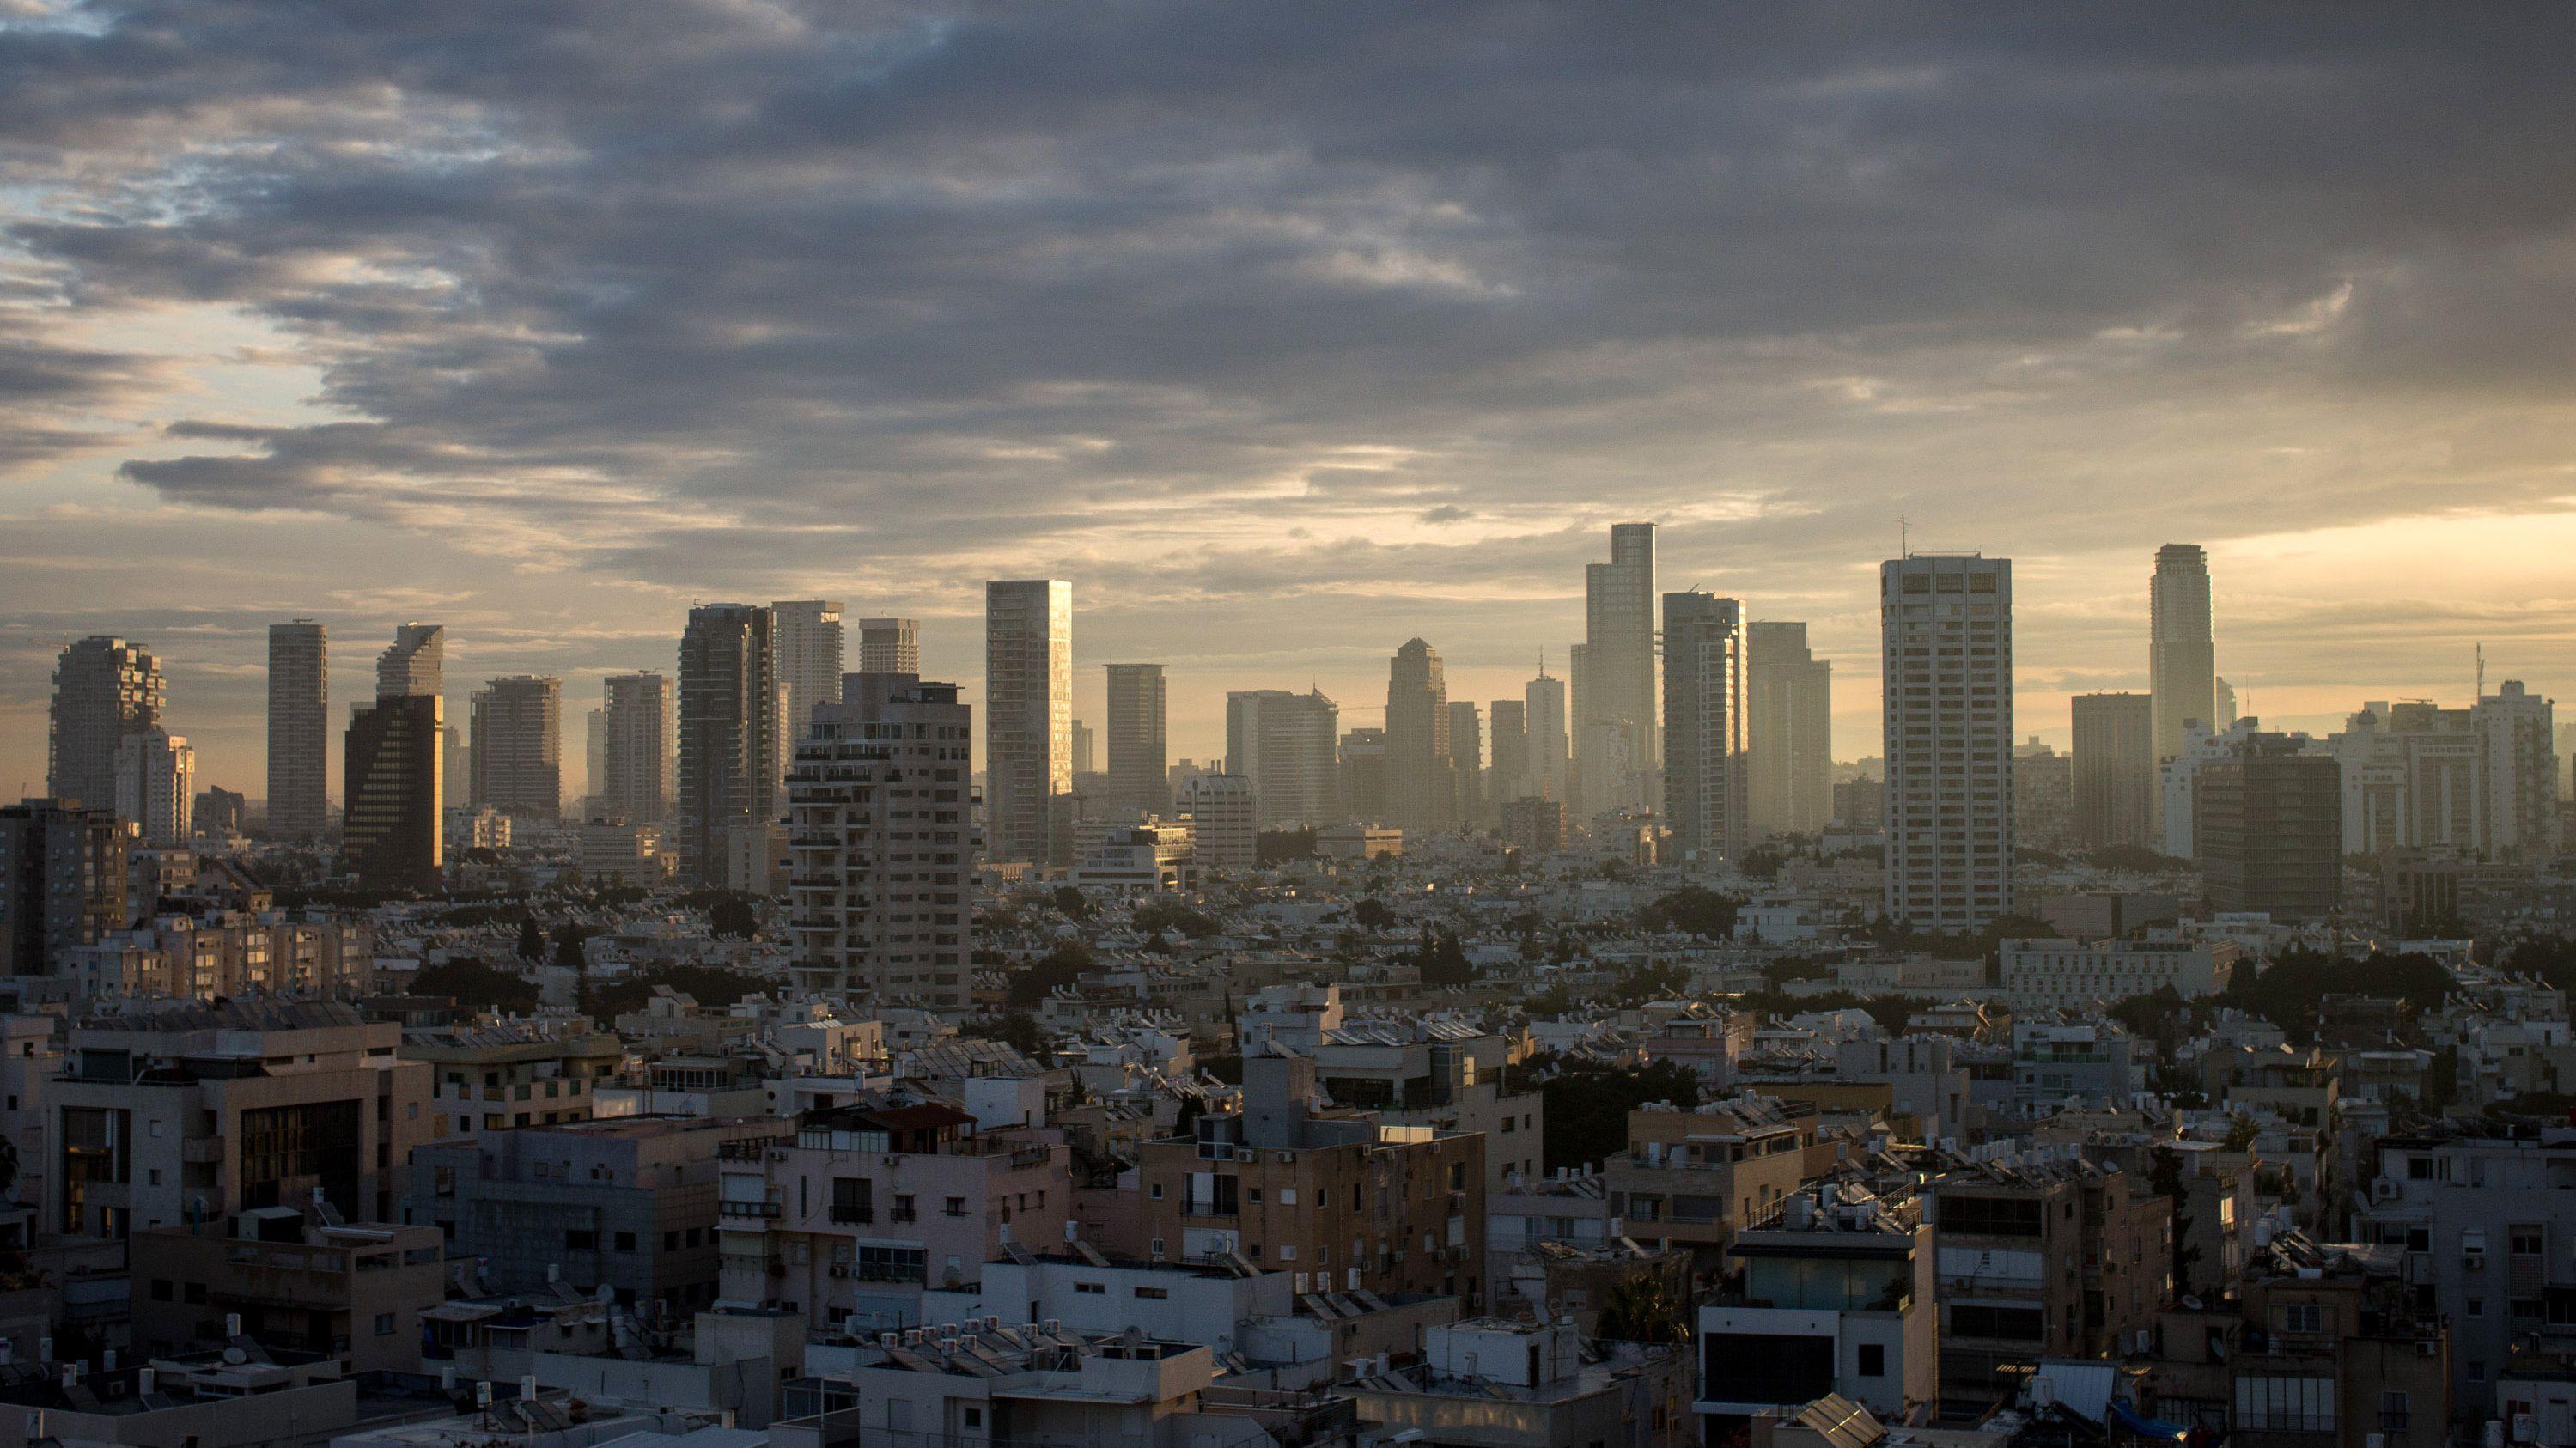 イスラエルの危機 「スタートアップの聖地」は 先進国へ飛躍できるか?